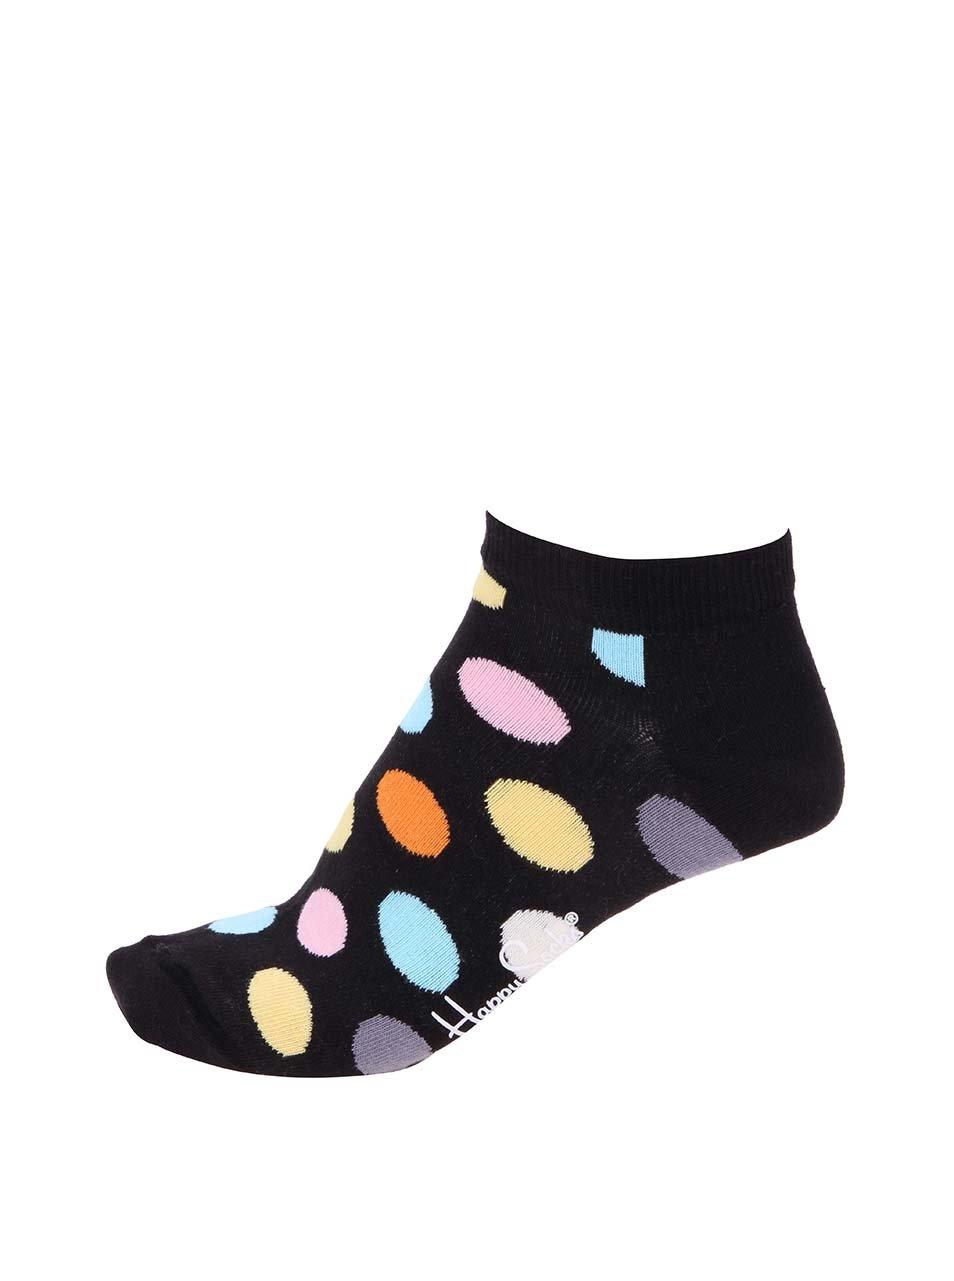 Černé kotníkové unisex ponožky s barevnými puntíky Happy Socks